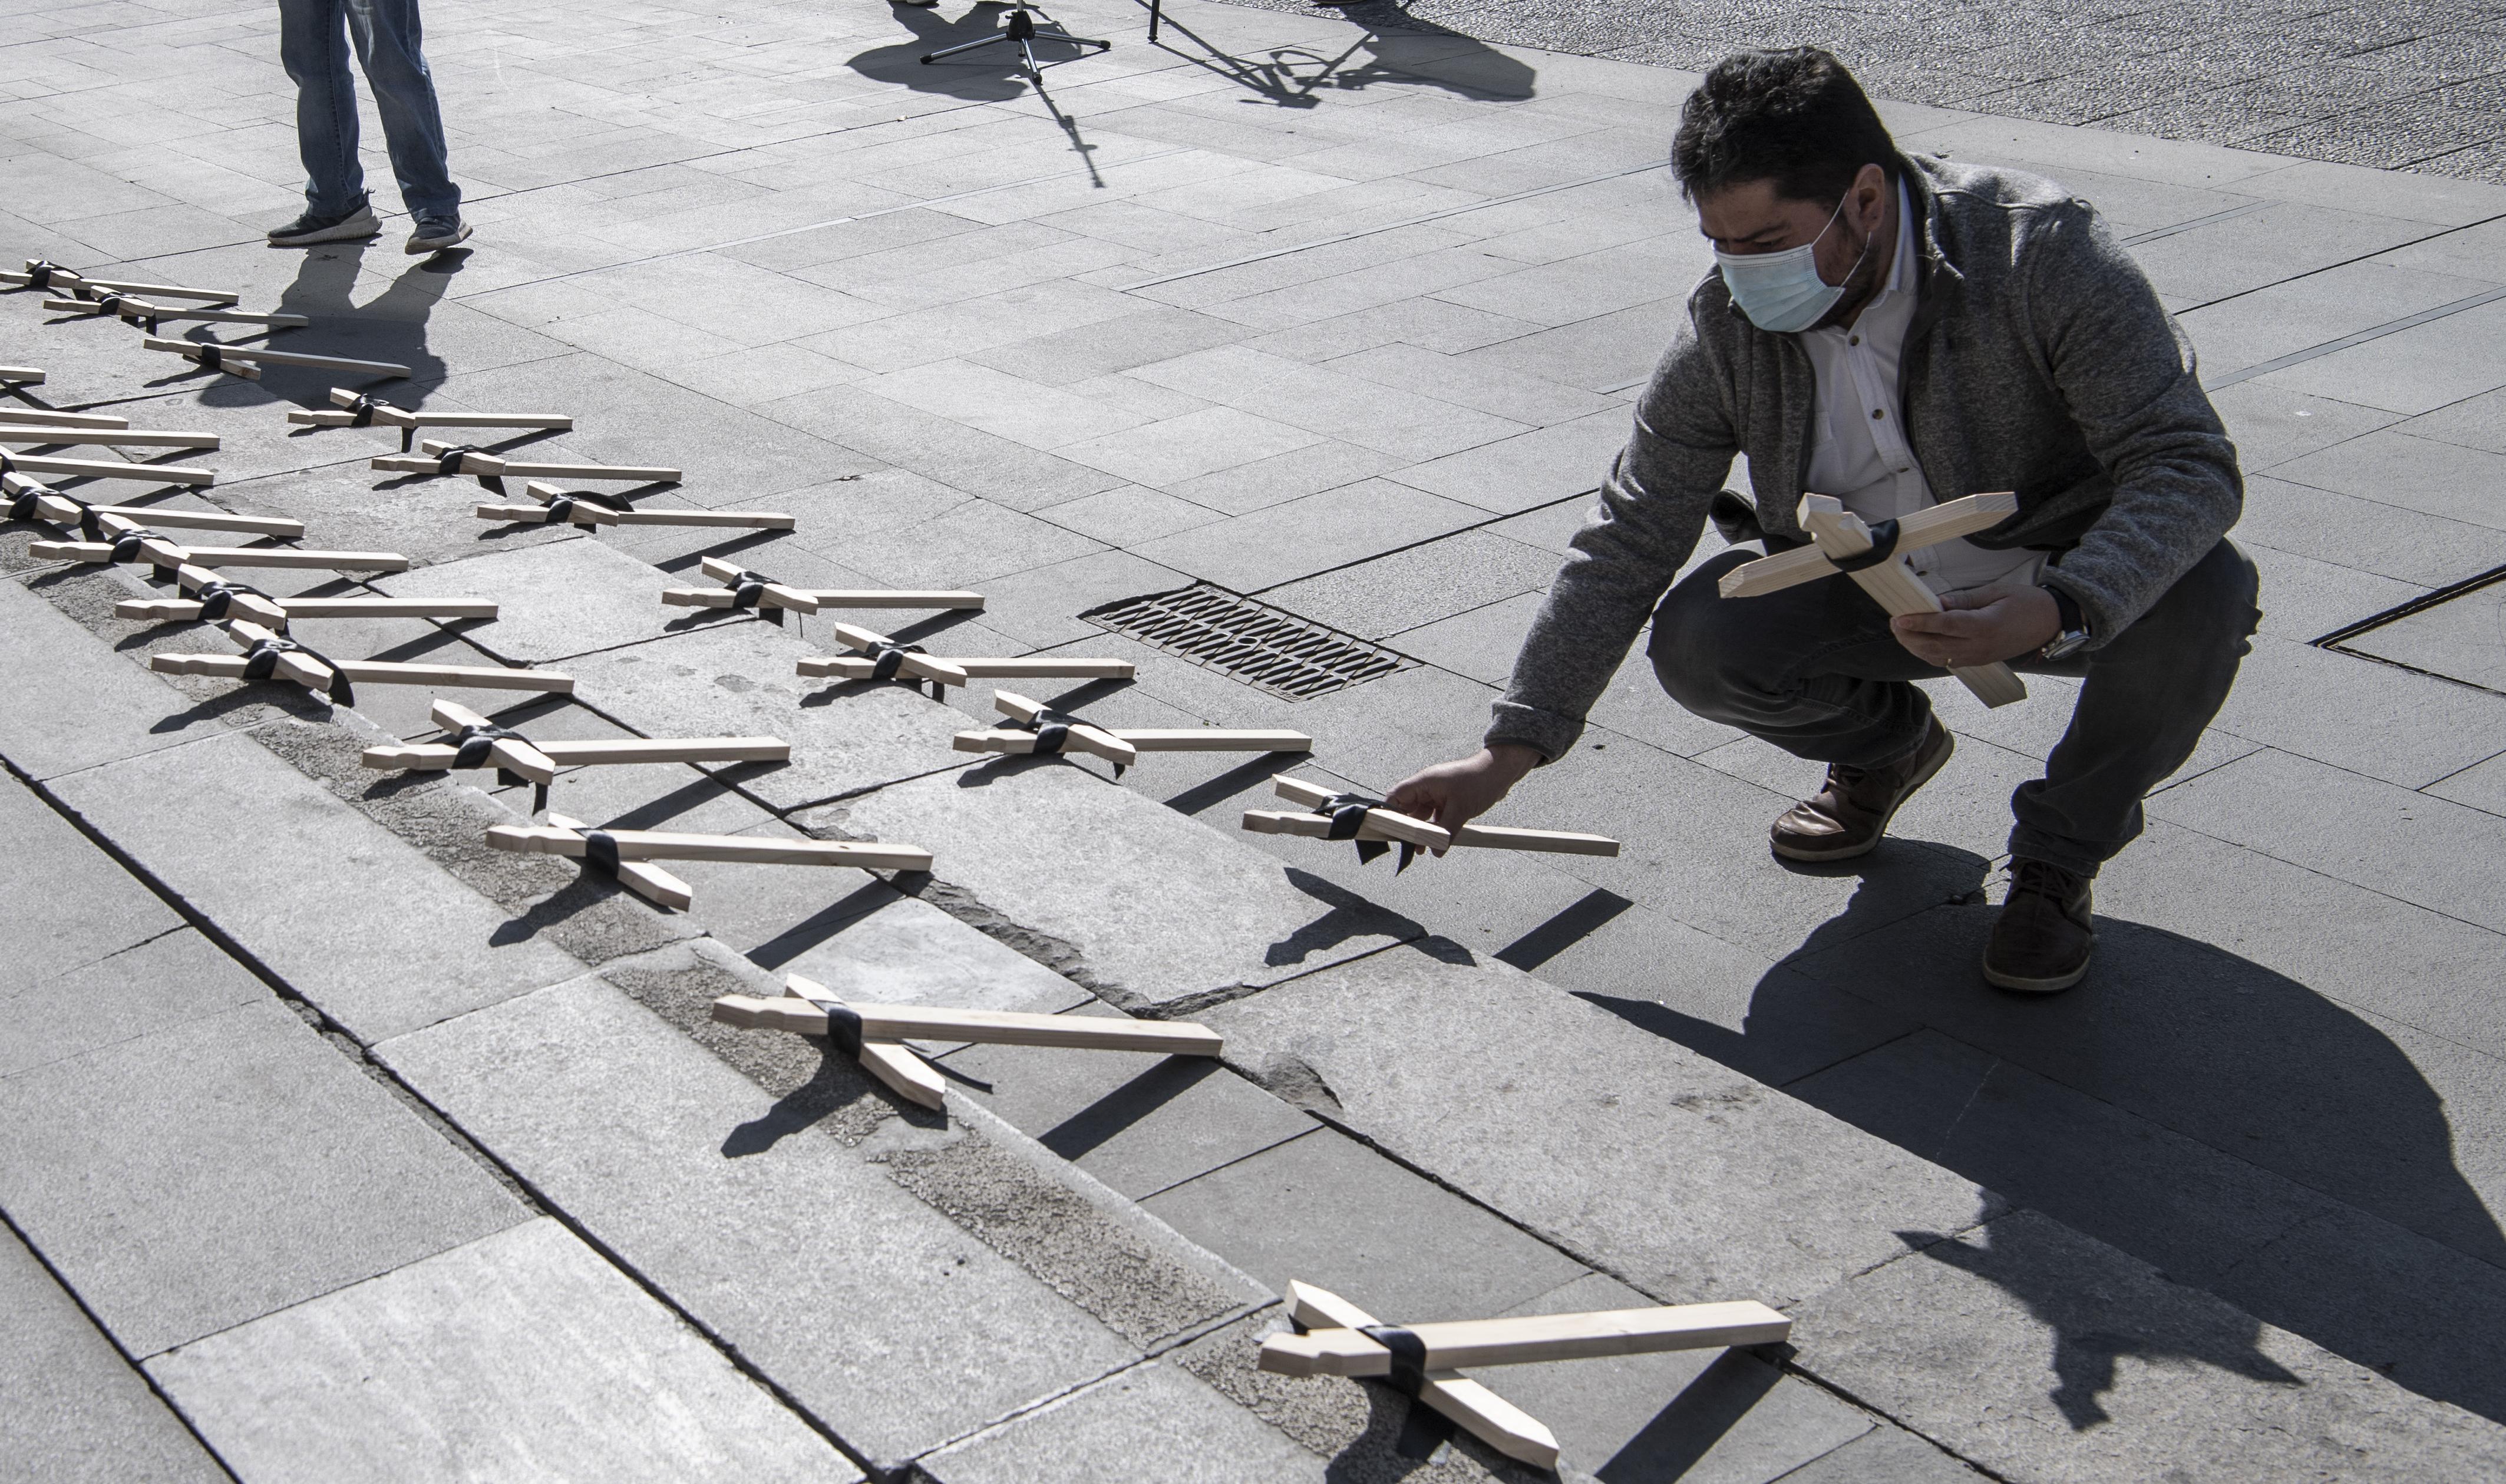 Chile példája azt mutatja, hogy az átoltottság jelenlegi szintje nem ér semmit